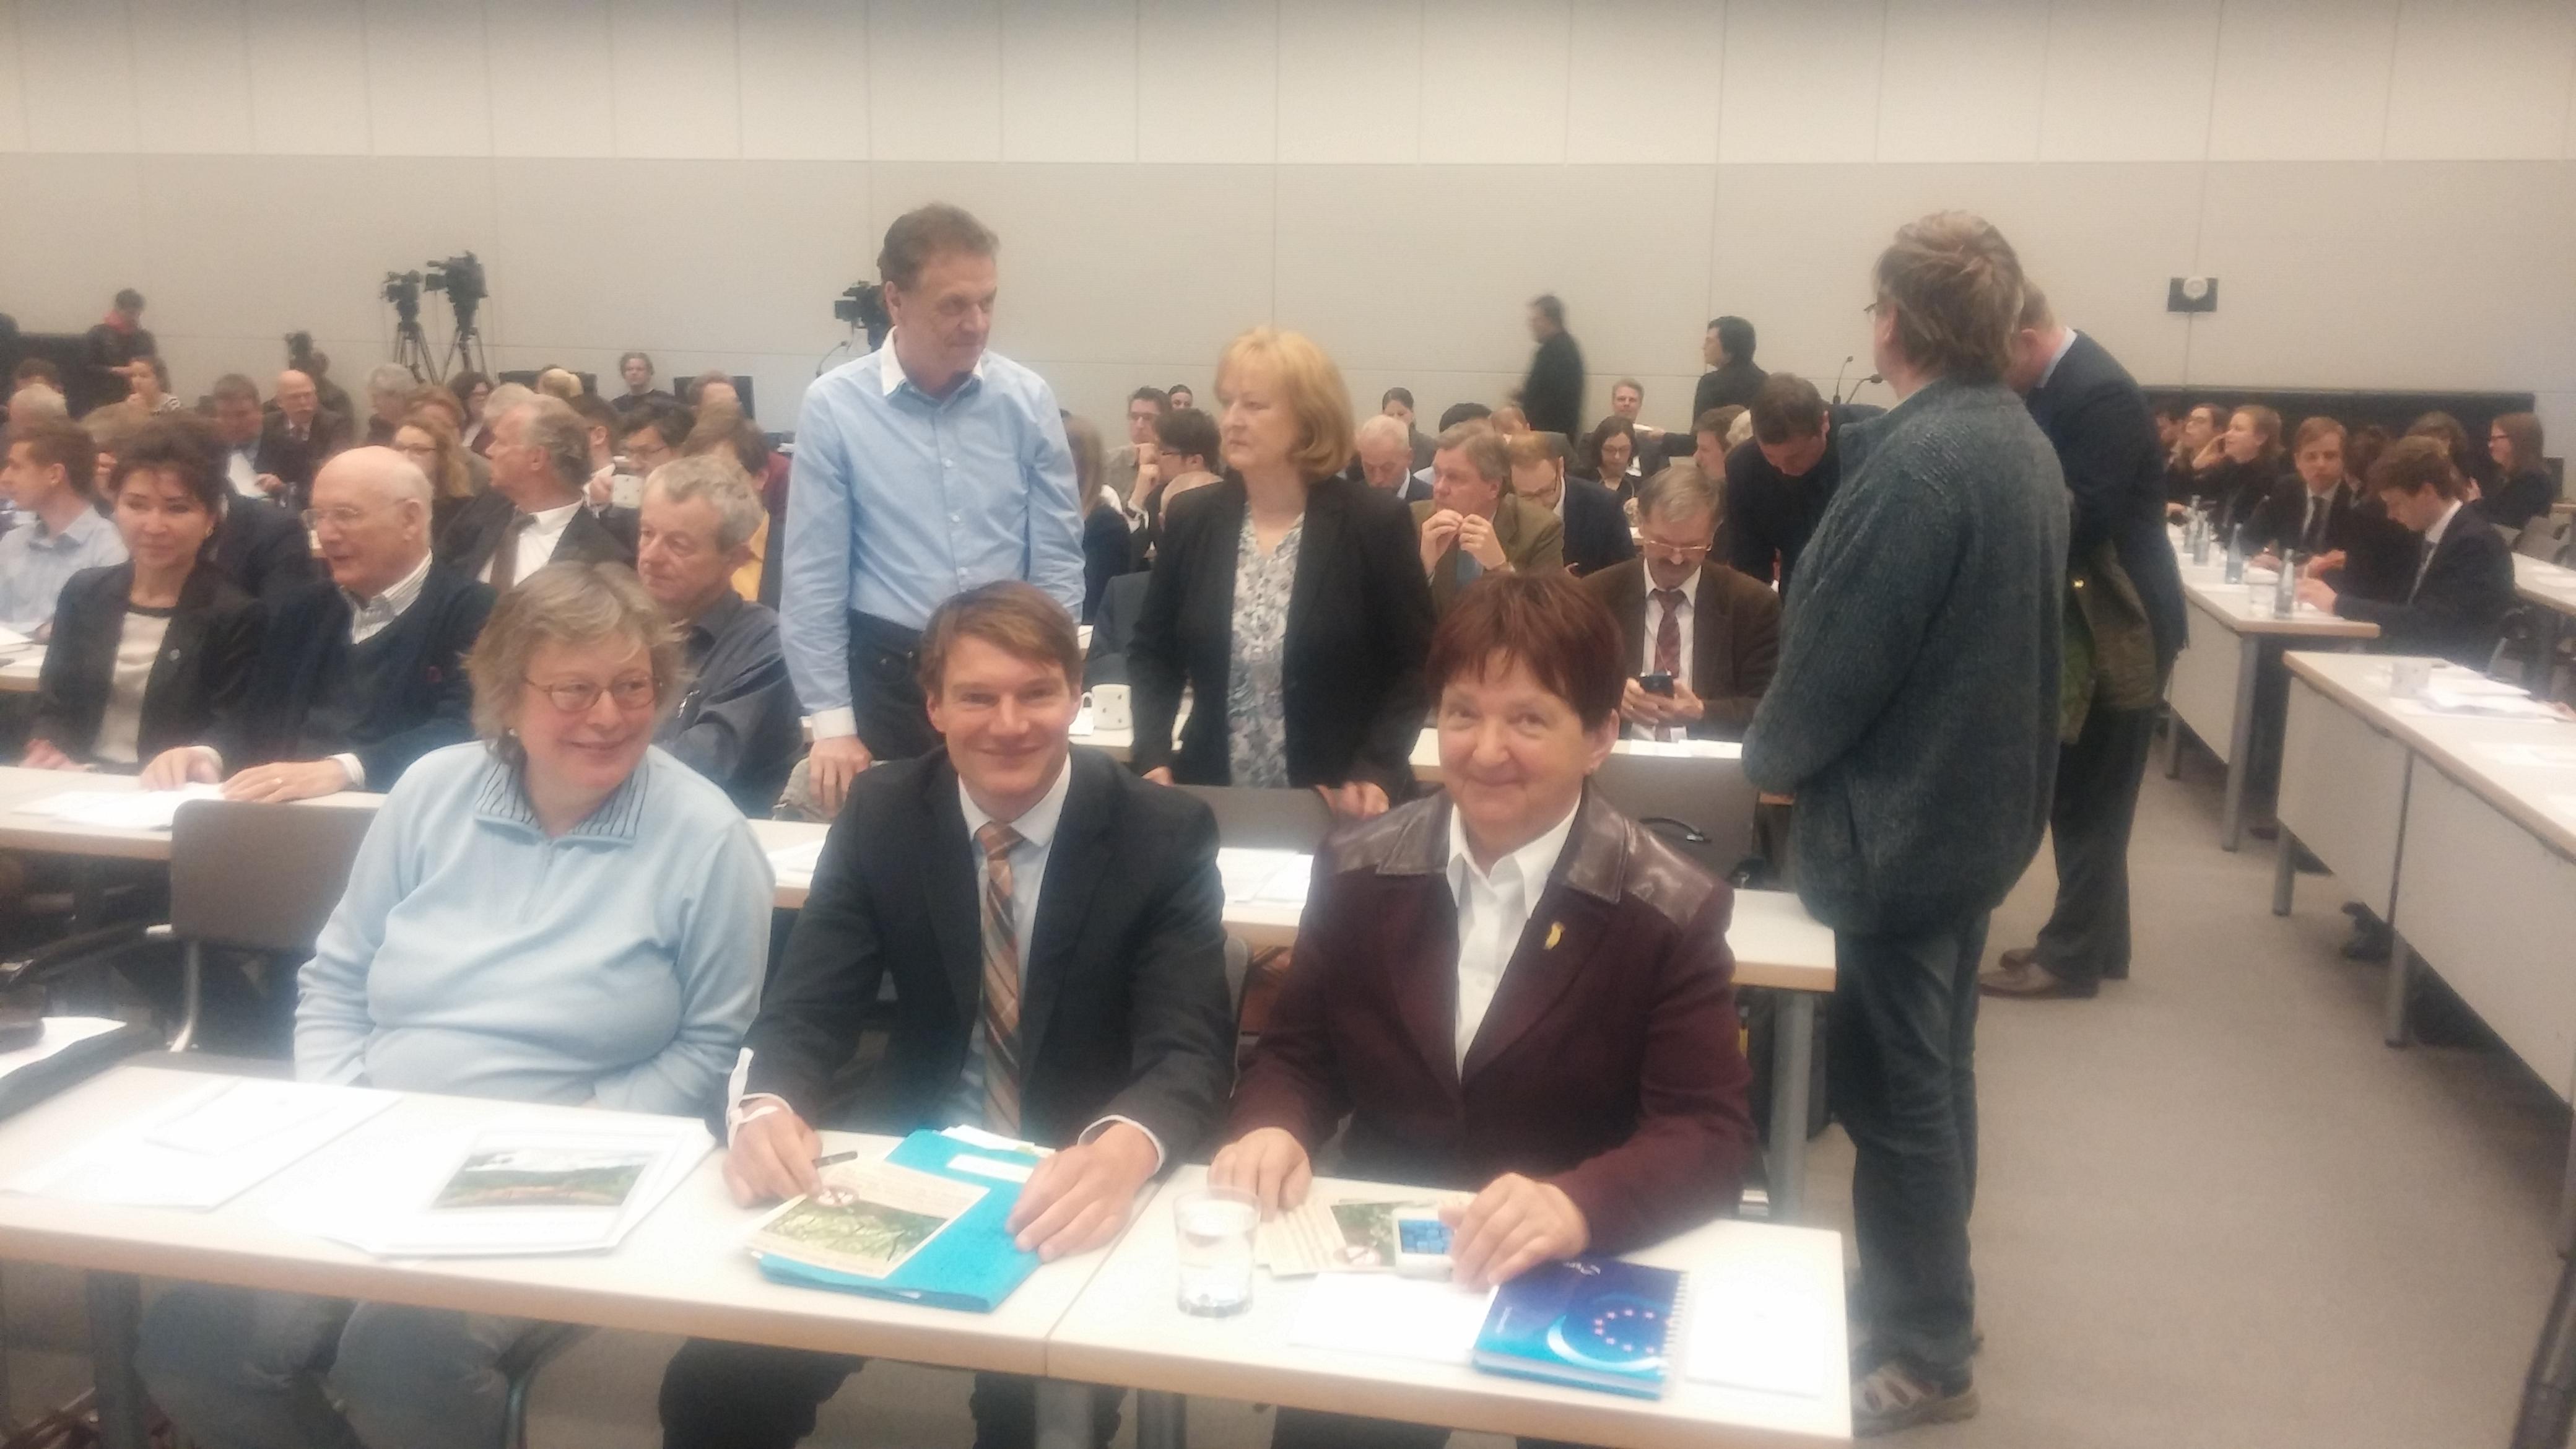 Energiepolitisches Forum der CDU-CSU-Fraktion im Bundestag / 24.04.2017 / Reichstagsgebäude